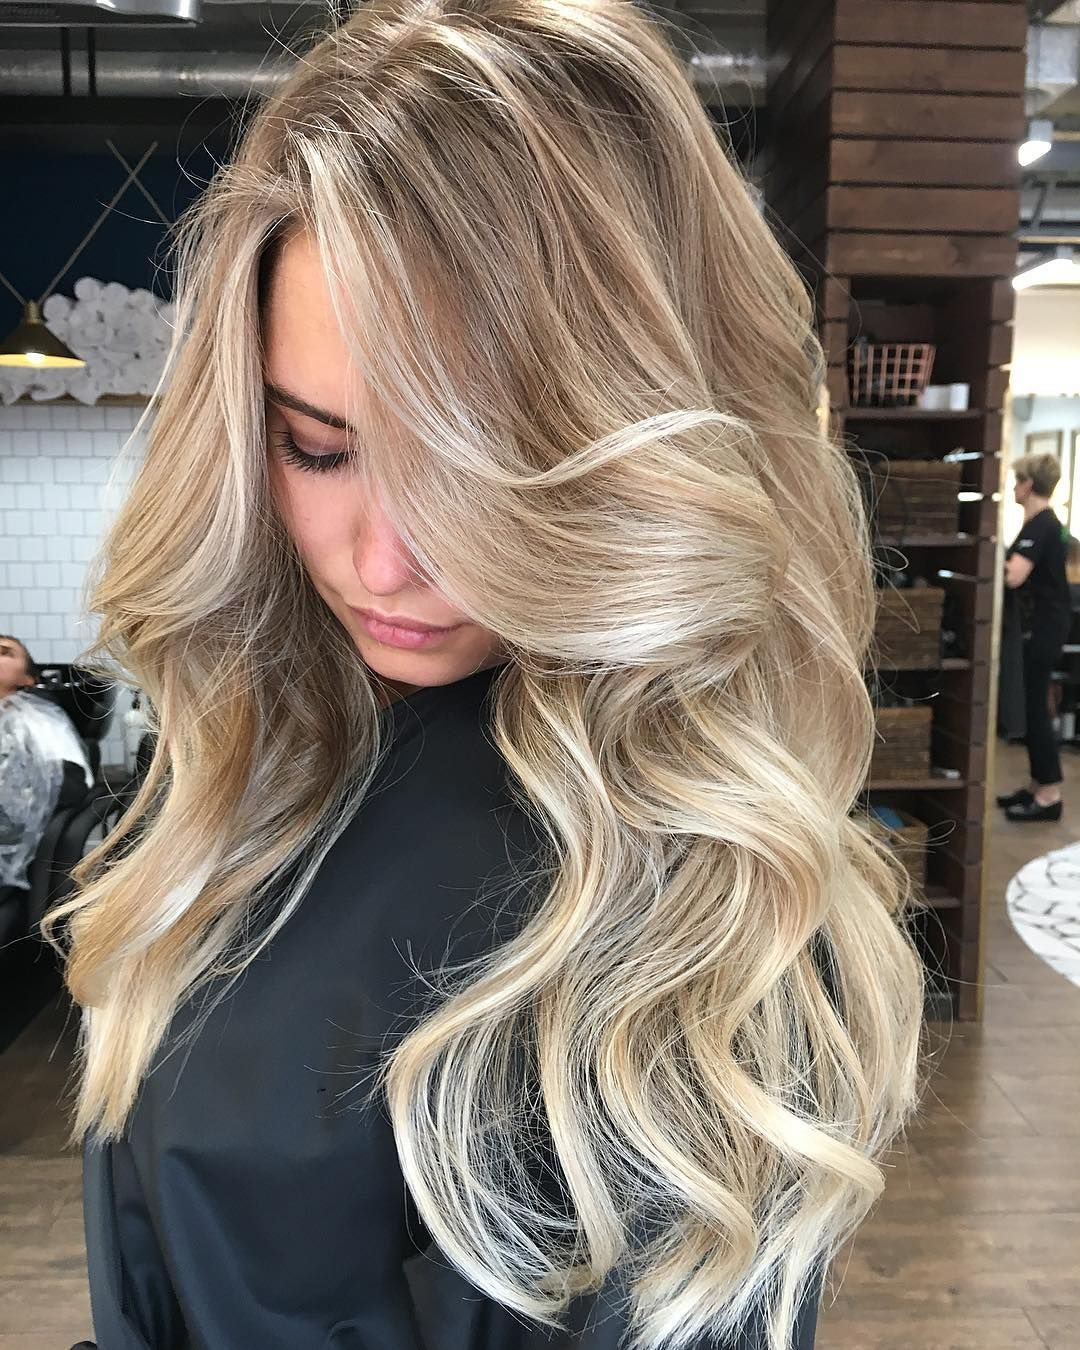 вышеперечисленного покрасить волосы в светлый цвет фото радостью выслушает все